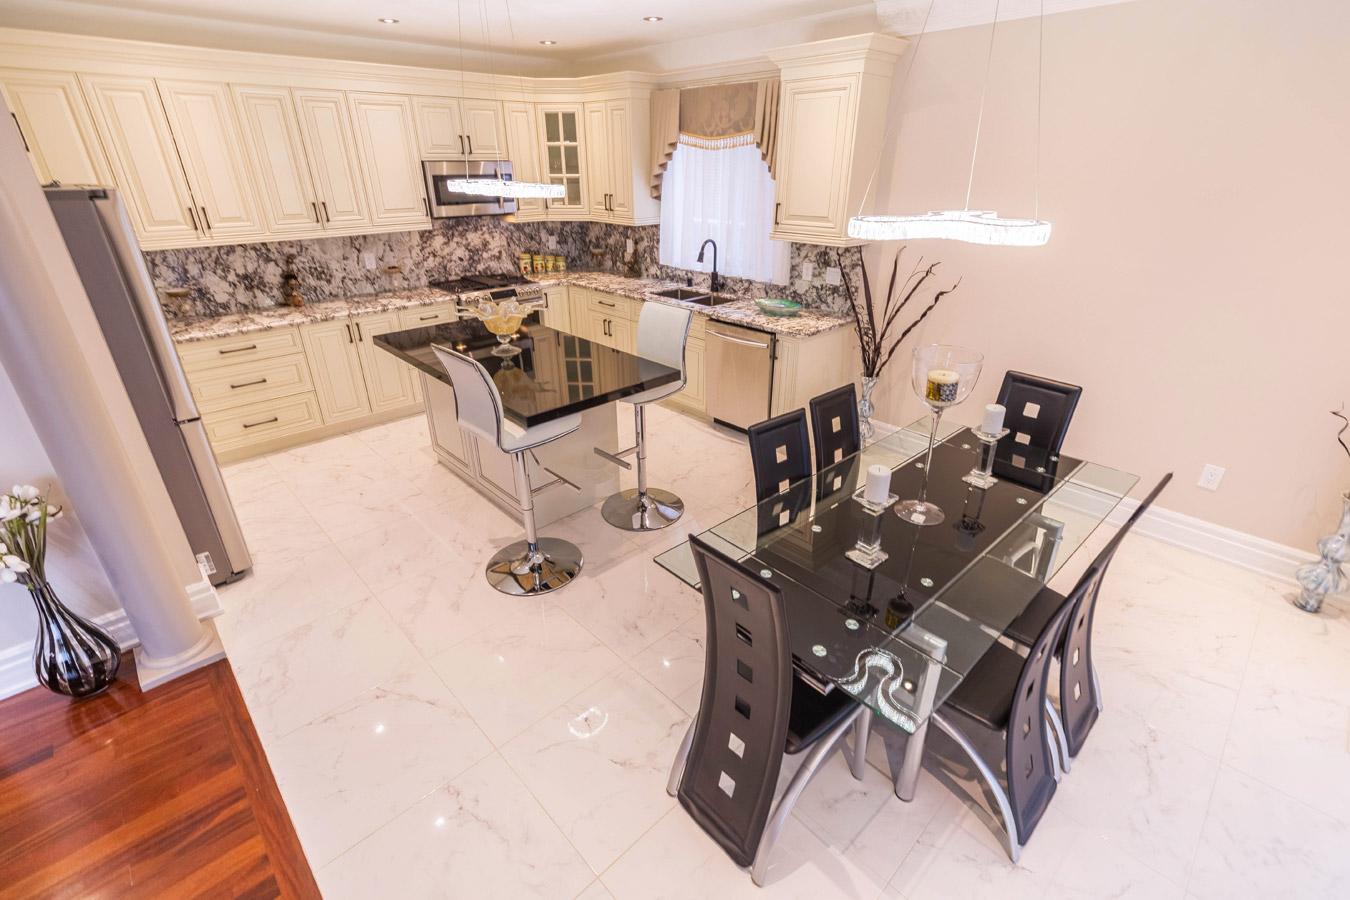 Full Kitchen Renovations